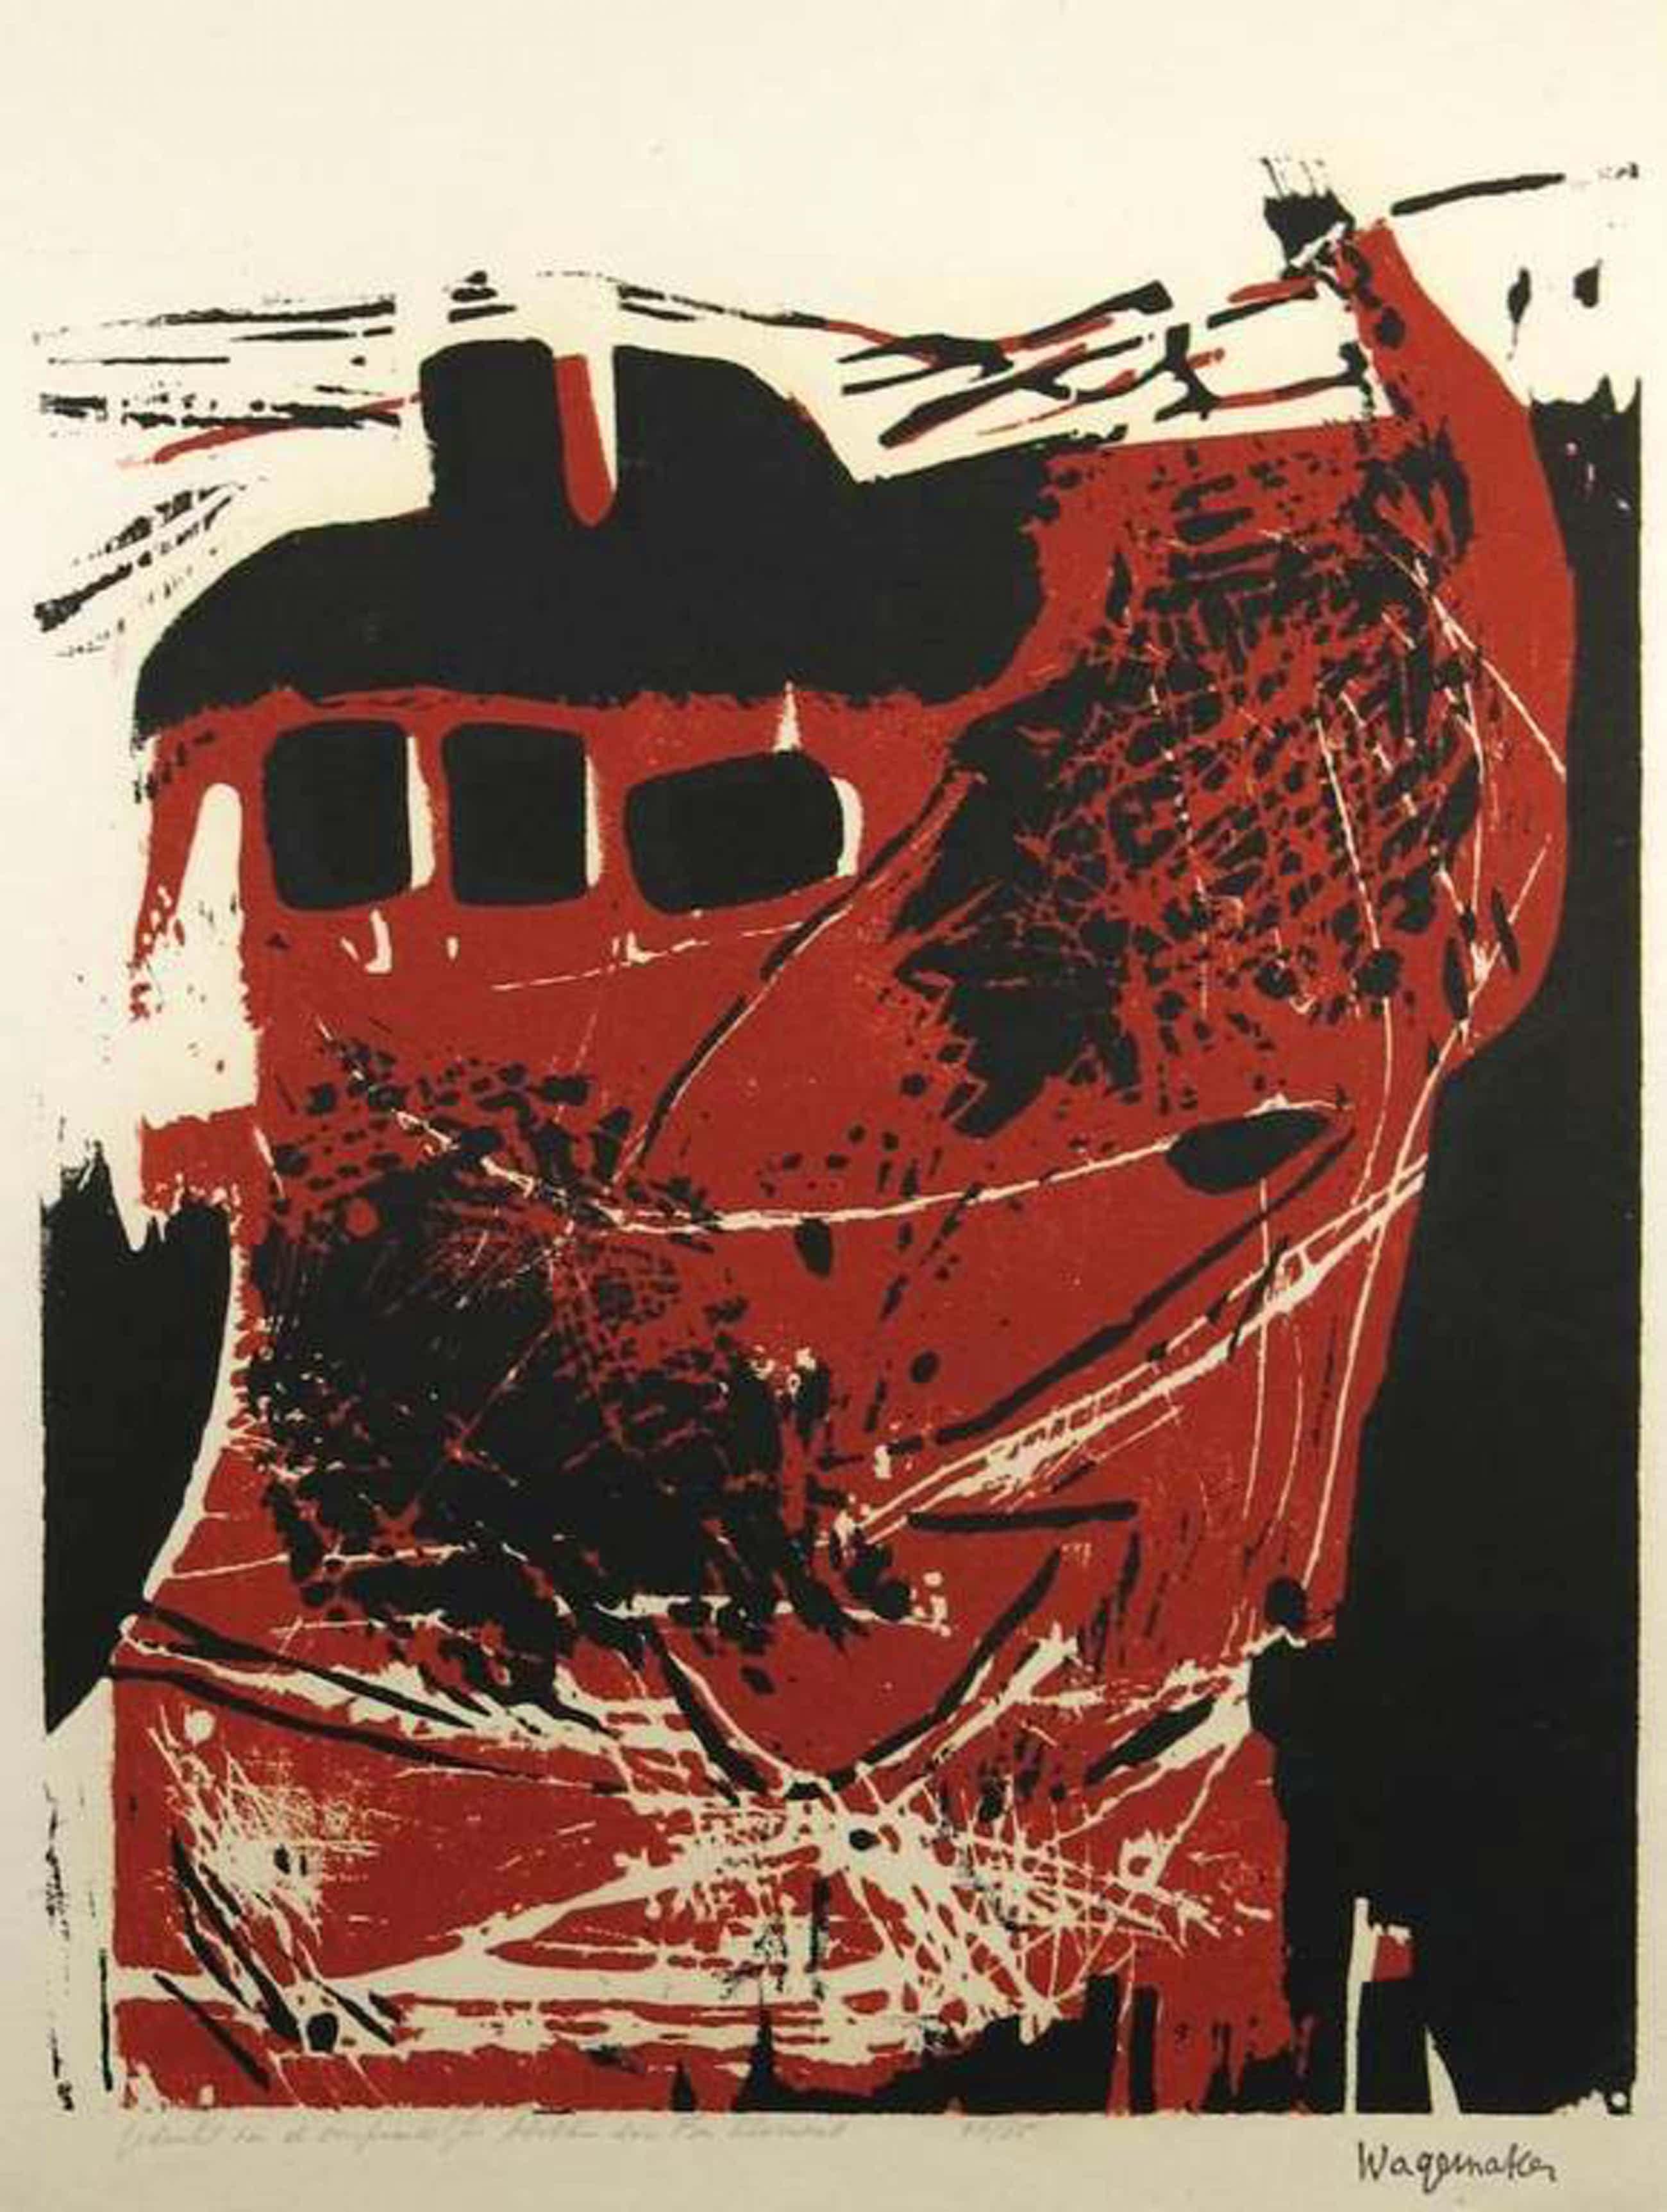 Jaap Wagemaker: Houtsnede, Compositie in twee kleuren (gedrukt door Fon Klement) kopen? Bied vanaf 35!